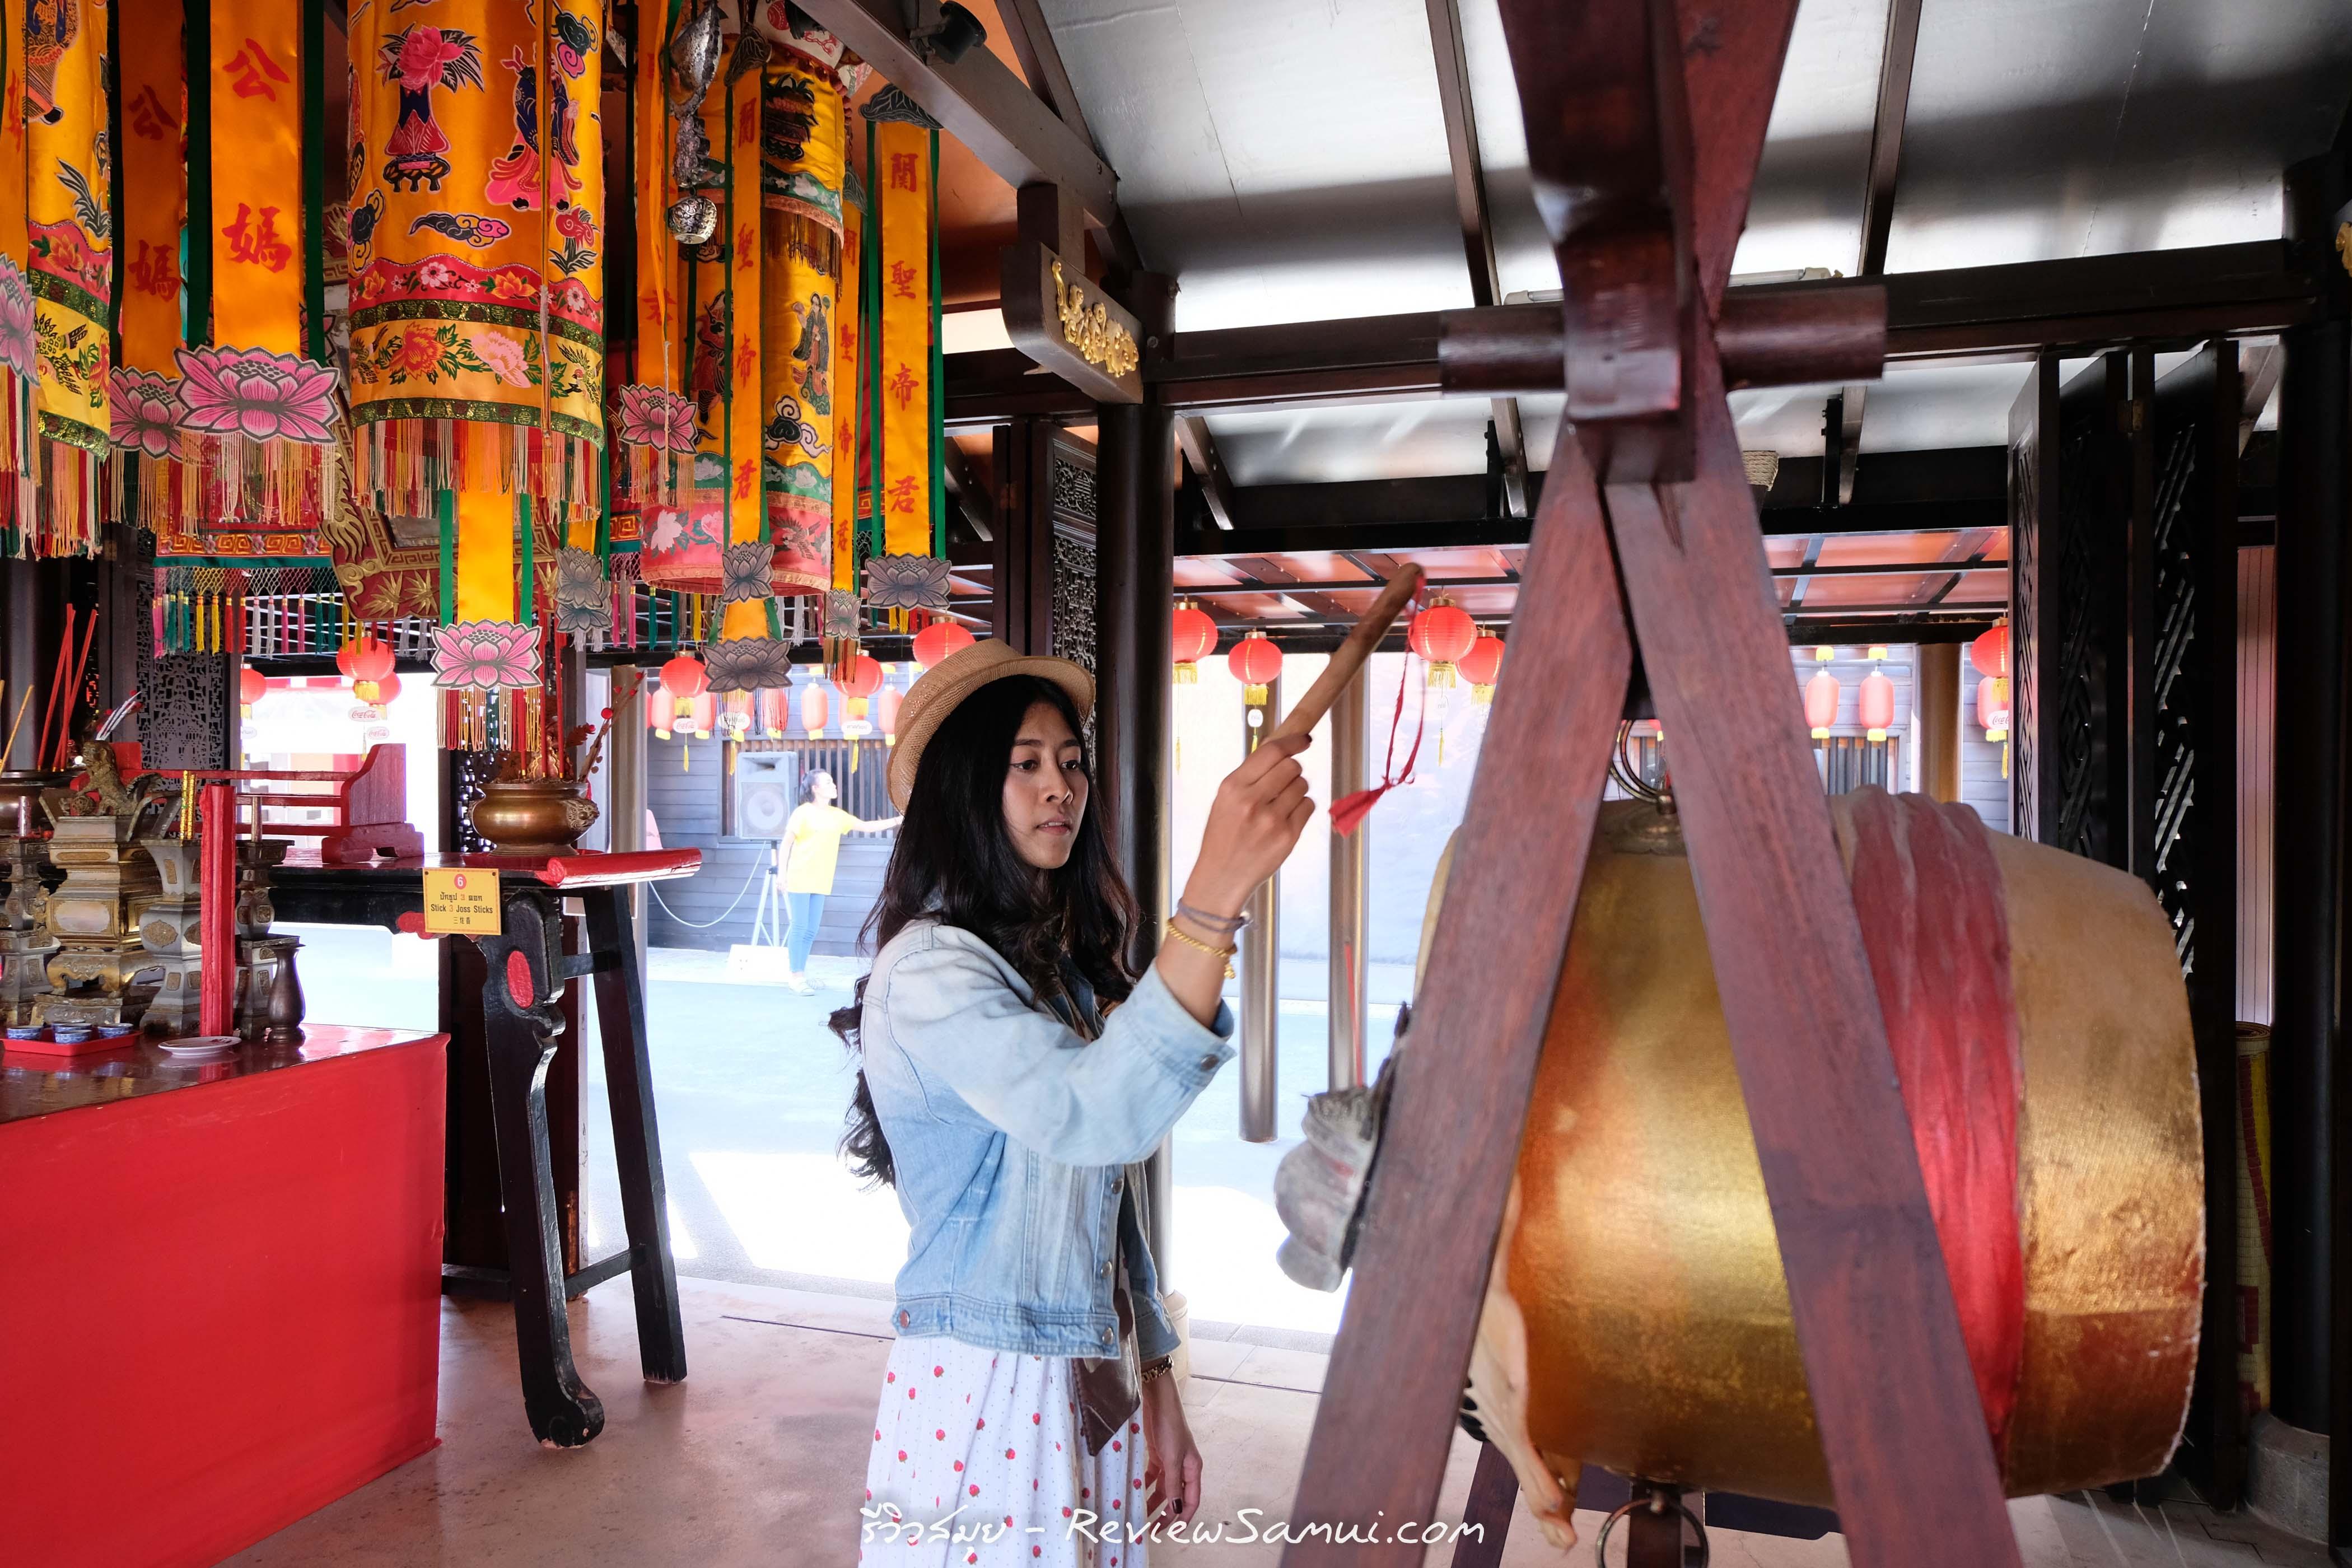 ศาลเจ้ากวนอู รีวิวสมุย | Review samui